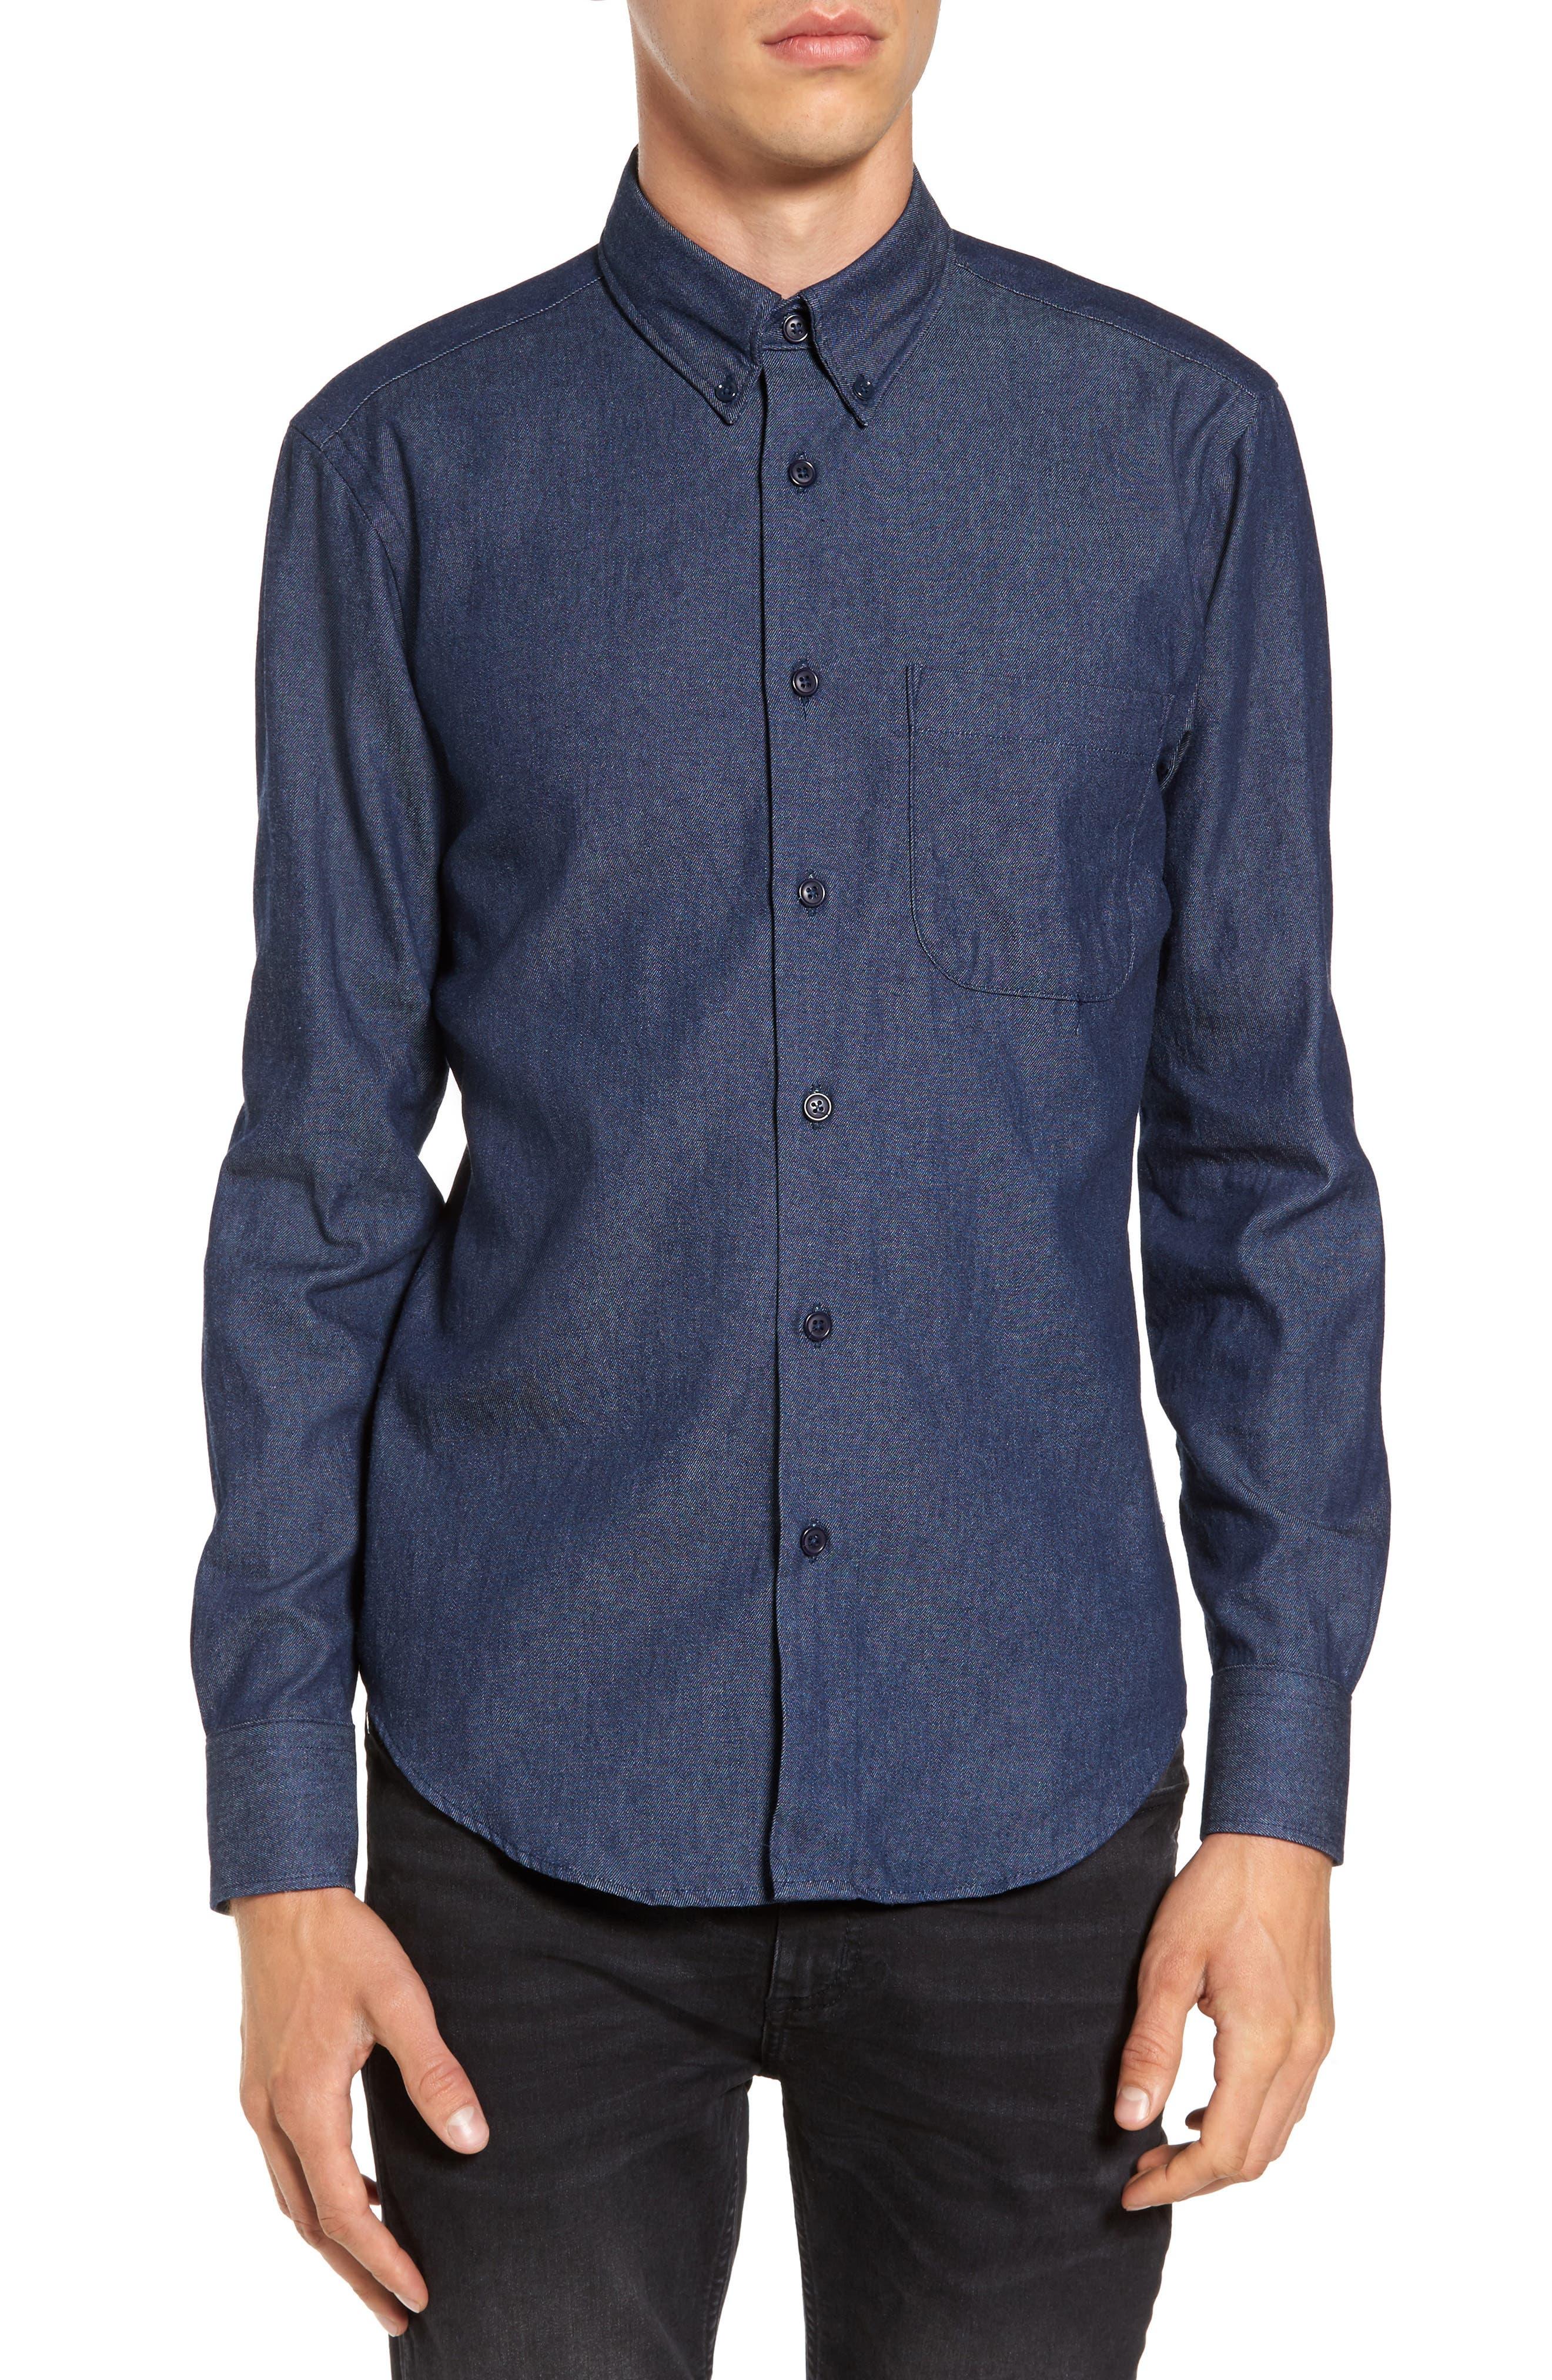 Indigo Long Sleeve Shirt,                             Main thumbnail 1, color,                             401